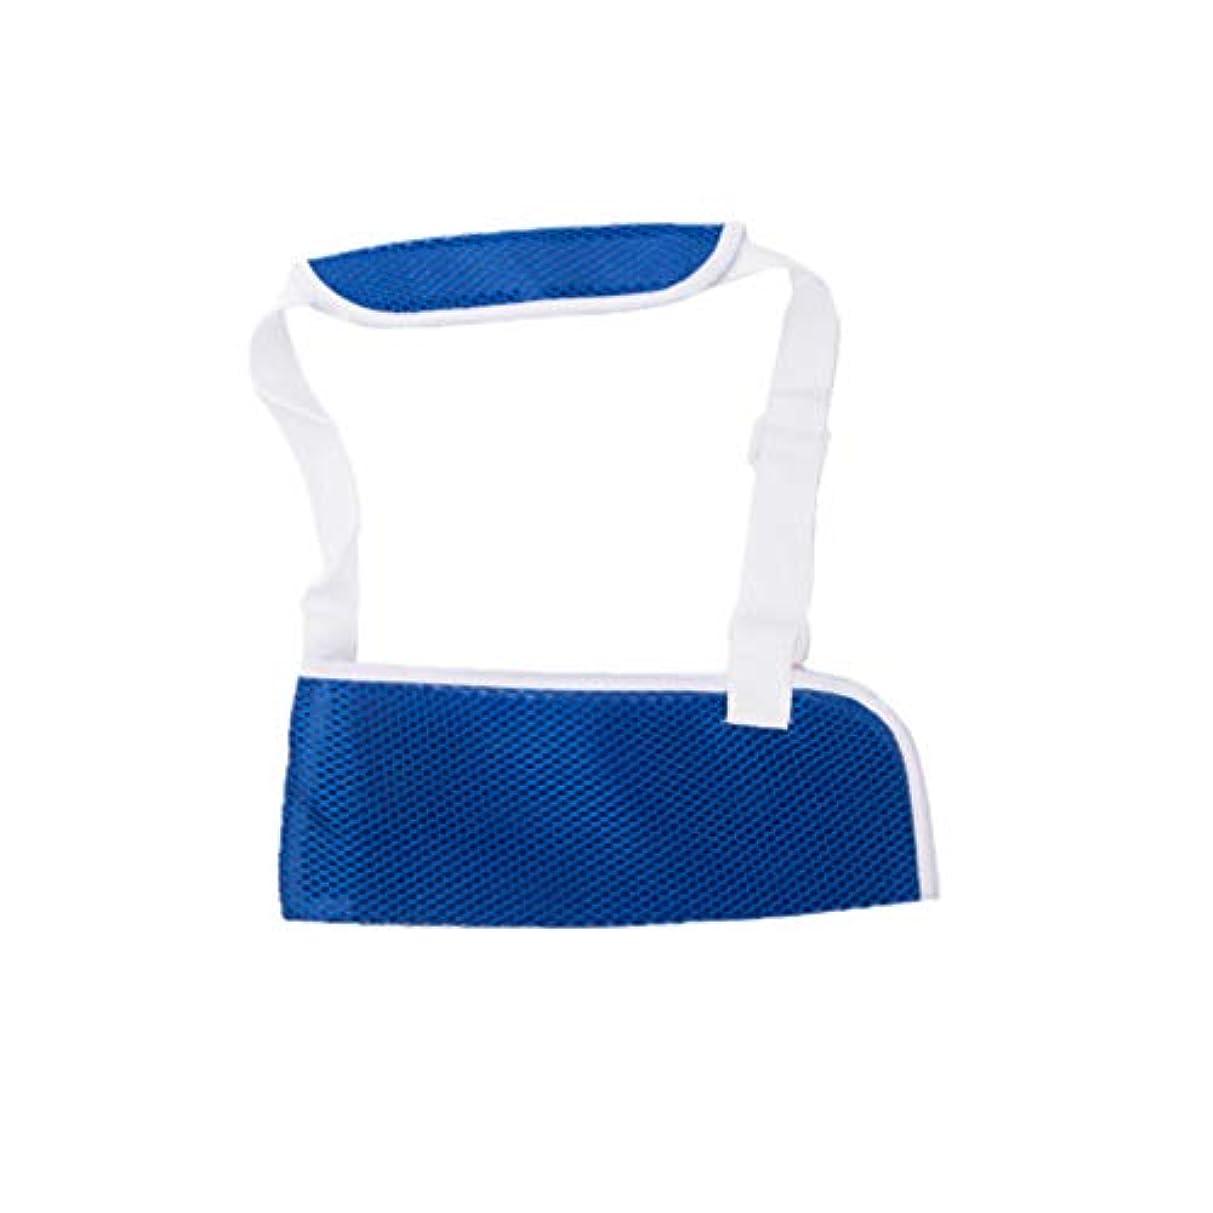 のホストオーバーヘッド習熟度Heallily アームスリング1ピース調節可能なアームスリング肩サポートスプリットストラップ付き通気性のある手首の肘サポート子供の脱臼、骨折、捻rain、骨折した腕(サイズl)